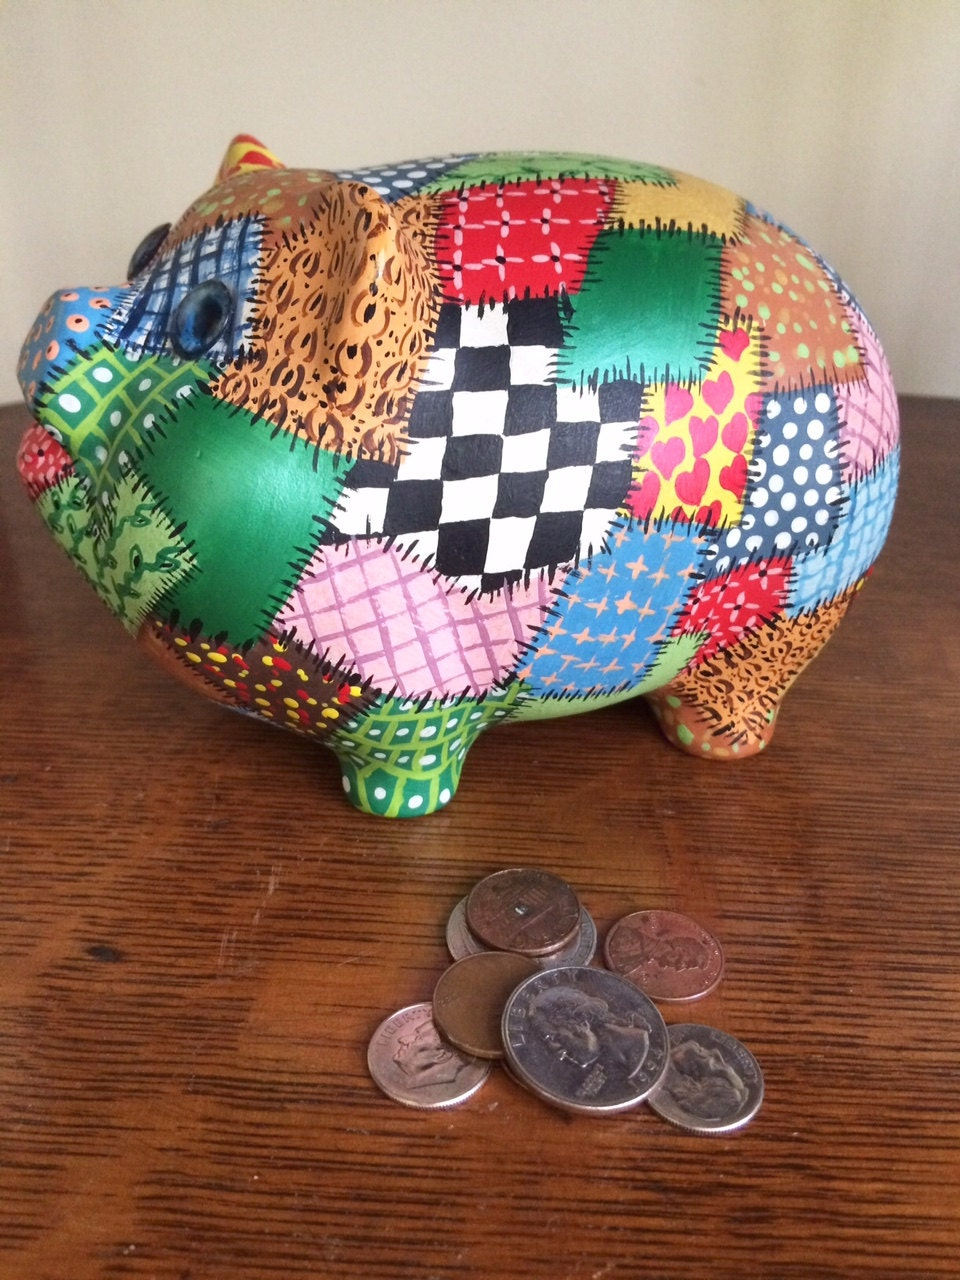 coin pig bank patchwork quilt piggy bank. Black Bedroom Furniture Sets. Home Design Ideas